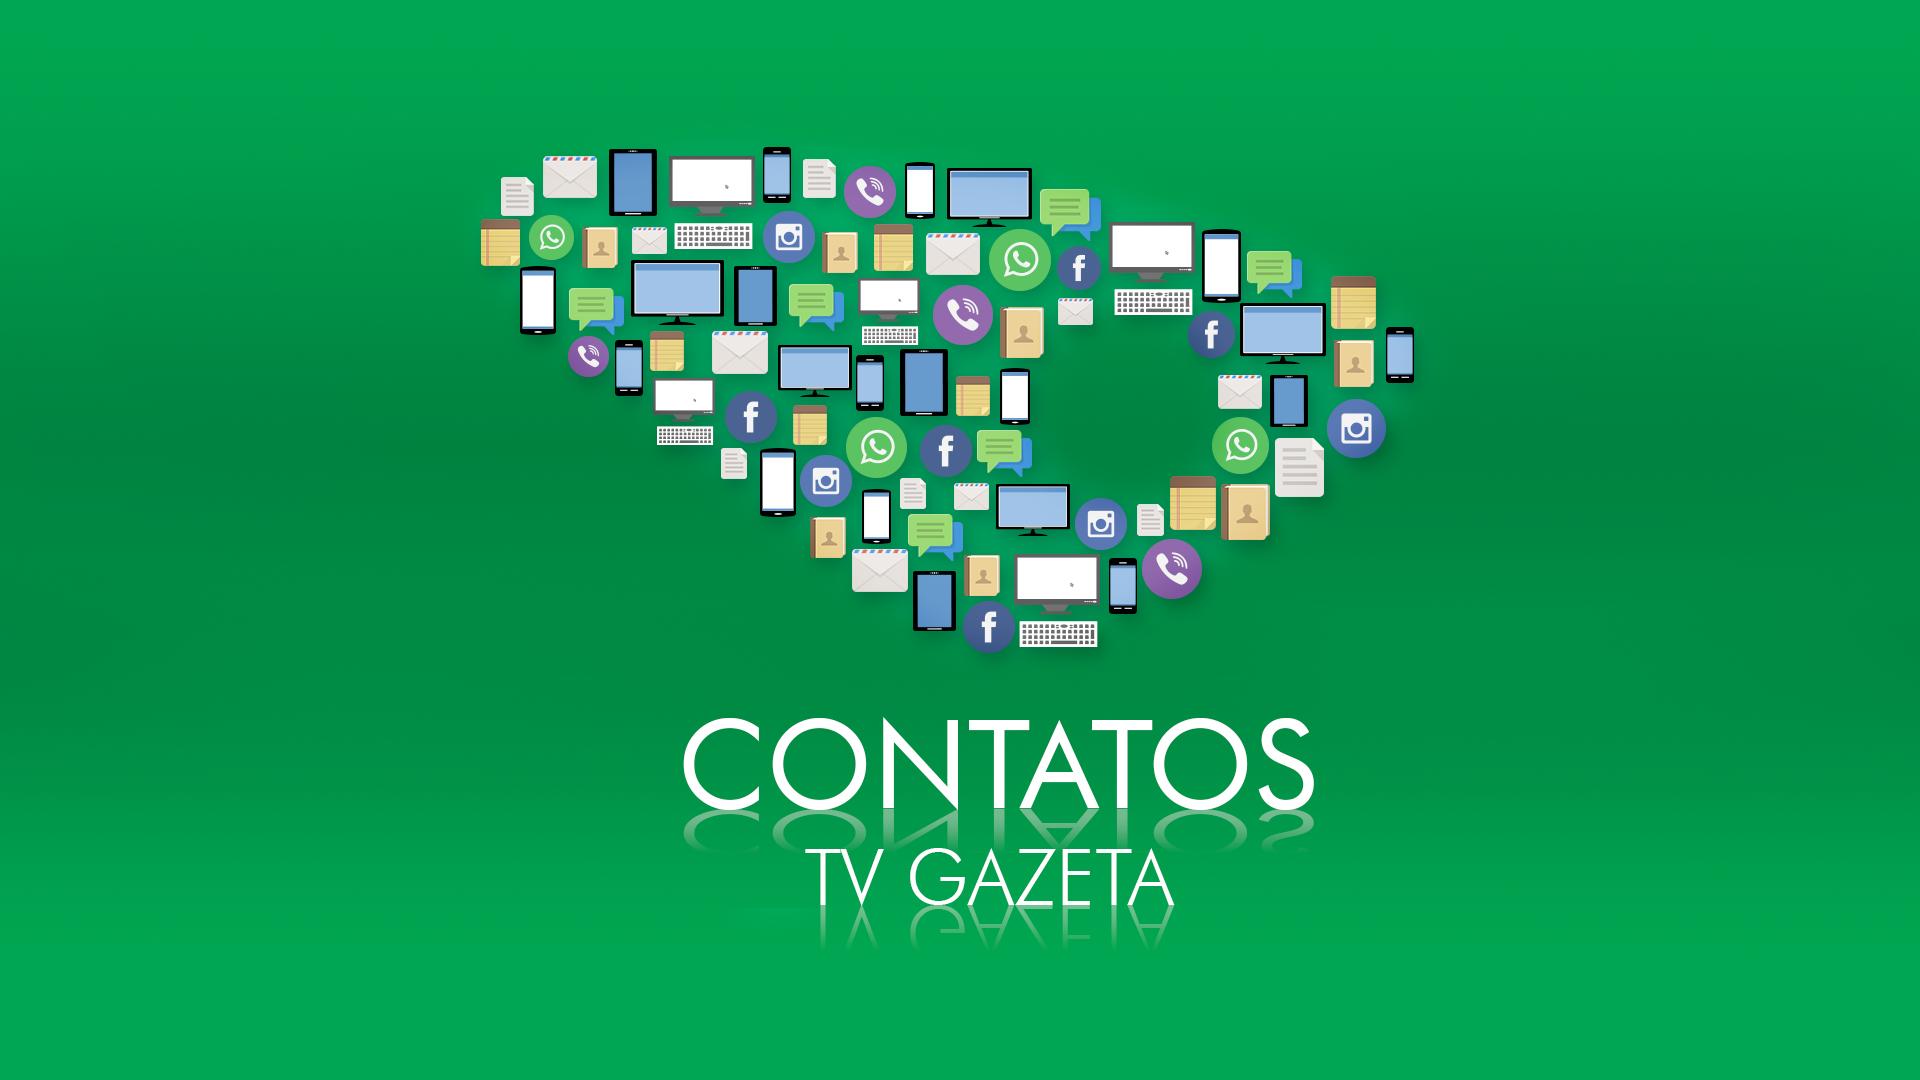 Contatos TV Gazeta (Foto: Divulgação/ TV Gazeta)